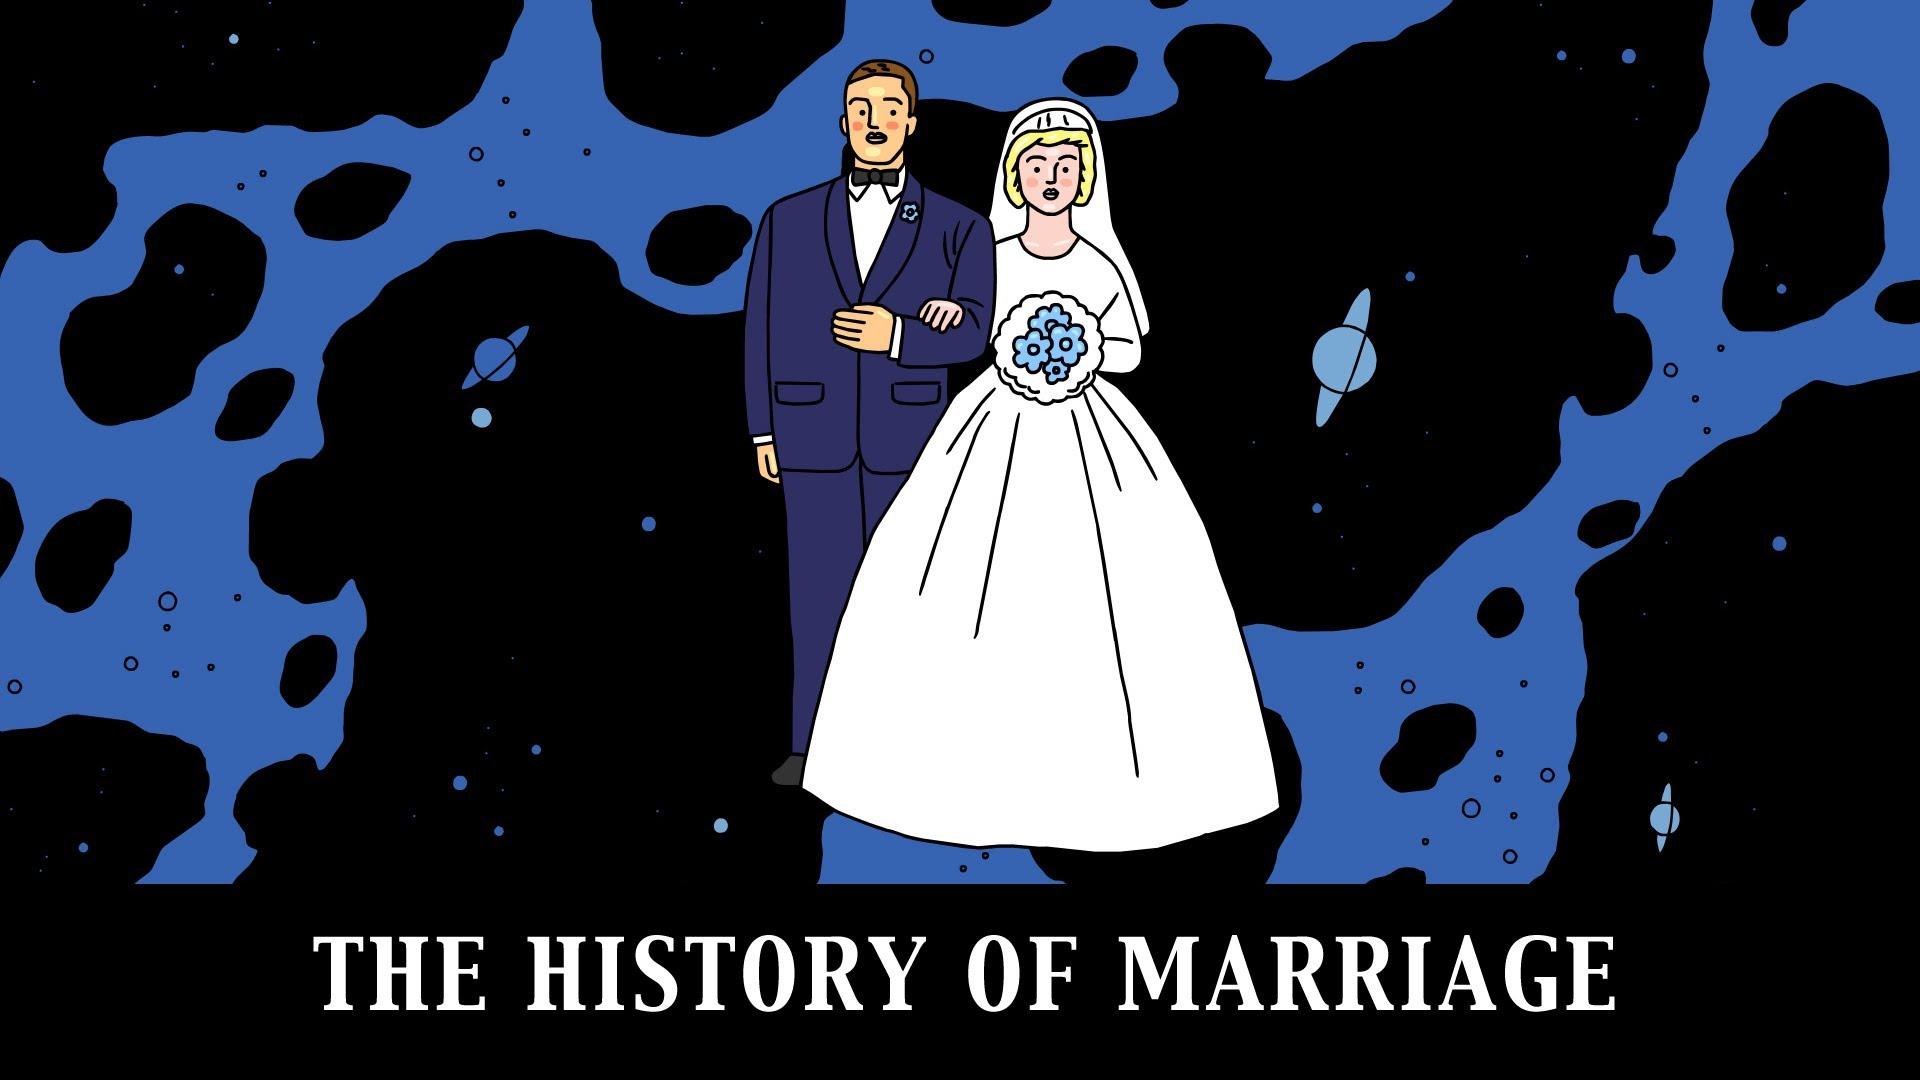 婚姻的歷史